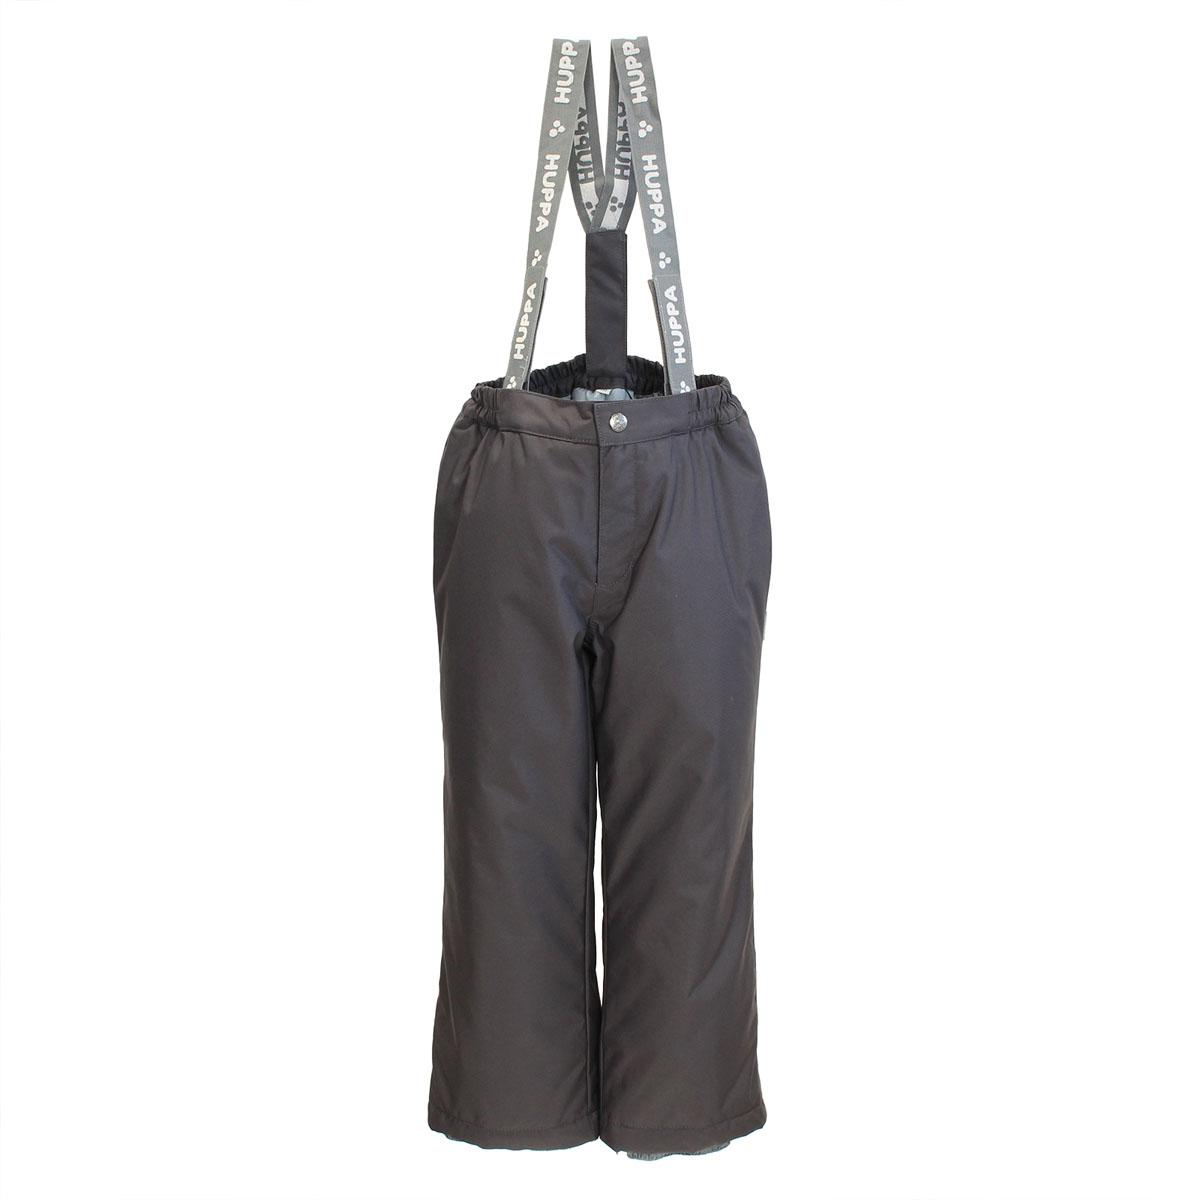 Брюки утепленные2170AW01_063Теплые детские брюки Huppa Freja идеально подойдут для ребенка в холодное время года. Брюки изготовлены из водоотталкивающей и ветрозащитной ткани с утеплителем из HuppaTherm - 100% полиэстера. HuppaTherm - высокотехнологичный легкий синтетический утеплитель нового поколения. Уникальная структура микроволокон не позволяет проникнуть холодному воздуху, в то же время, удерживая теплый между волокнами, обеспечивая высокую теплоизоляцию изделия. Полиуретан с микропорами препятствует прохождению воды и ветра сквозь ткань внутрь изделия, в то же время, позволяя испаряться выделяемой телом влаге. Для максимальной влагонепроницаемости изделия, основные швы проклеены водостойкой лентой. Сплетения волокон в тканях выполнены по специальной технологии, которая придает ткани прочность и предохраняет от истирания. Брюки на талии застегиваются на кнопку и ширинку на застежке-молнии, и имеют съемные эластичные наплечные лямки, регулируемые по длине. На талии предусмотрена...